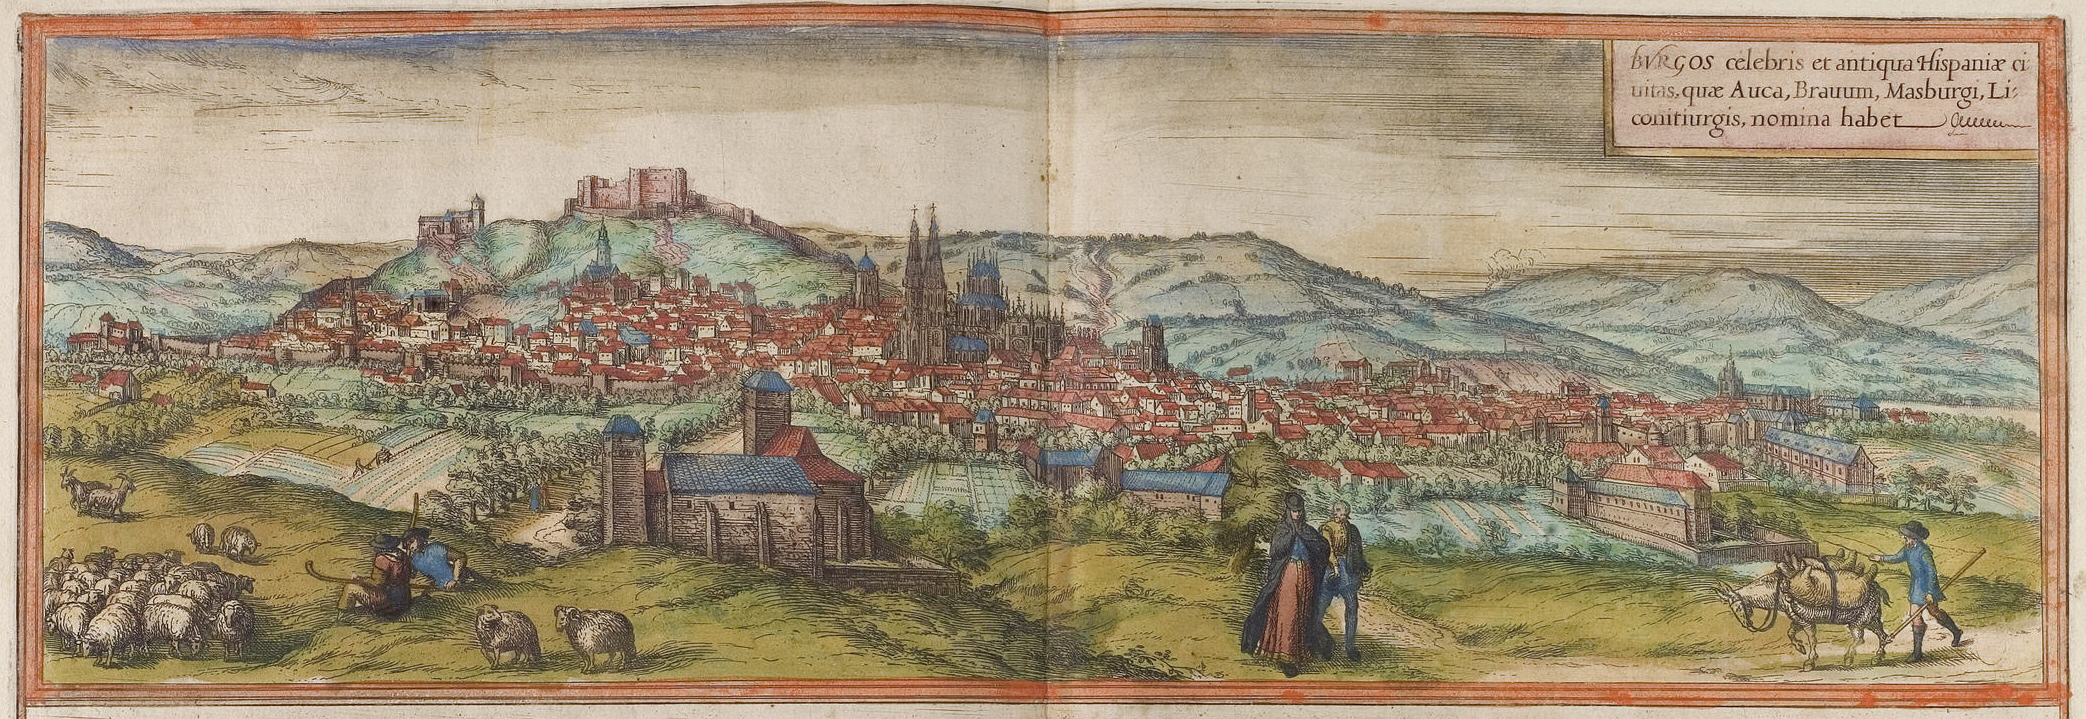 Ilustración de Burgos en el siglo XVI, que figura en el Civitates orbis terrarum.